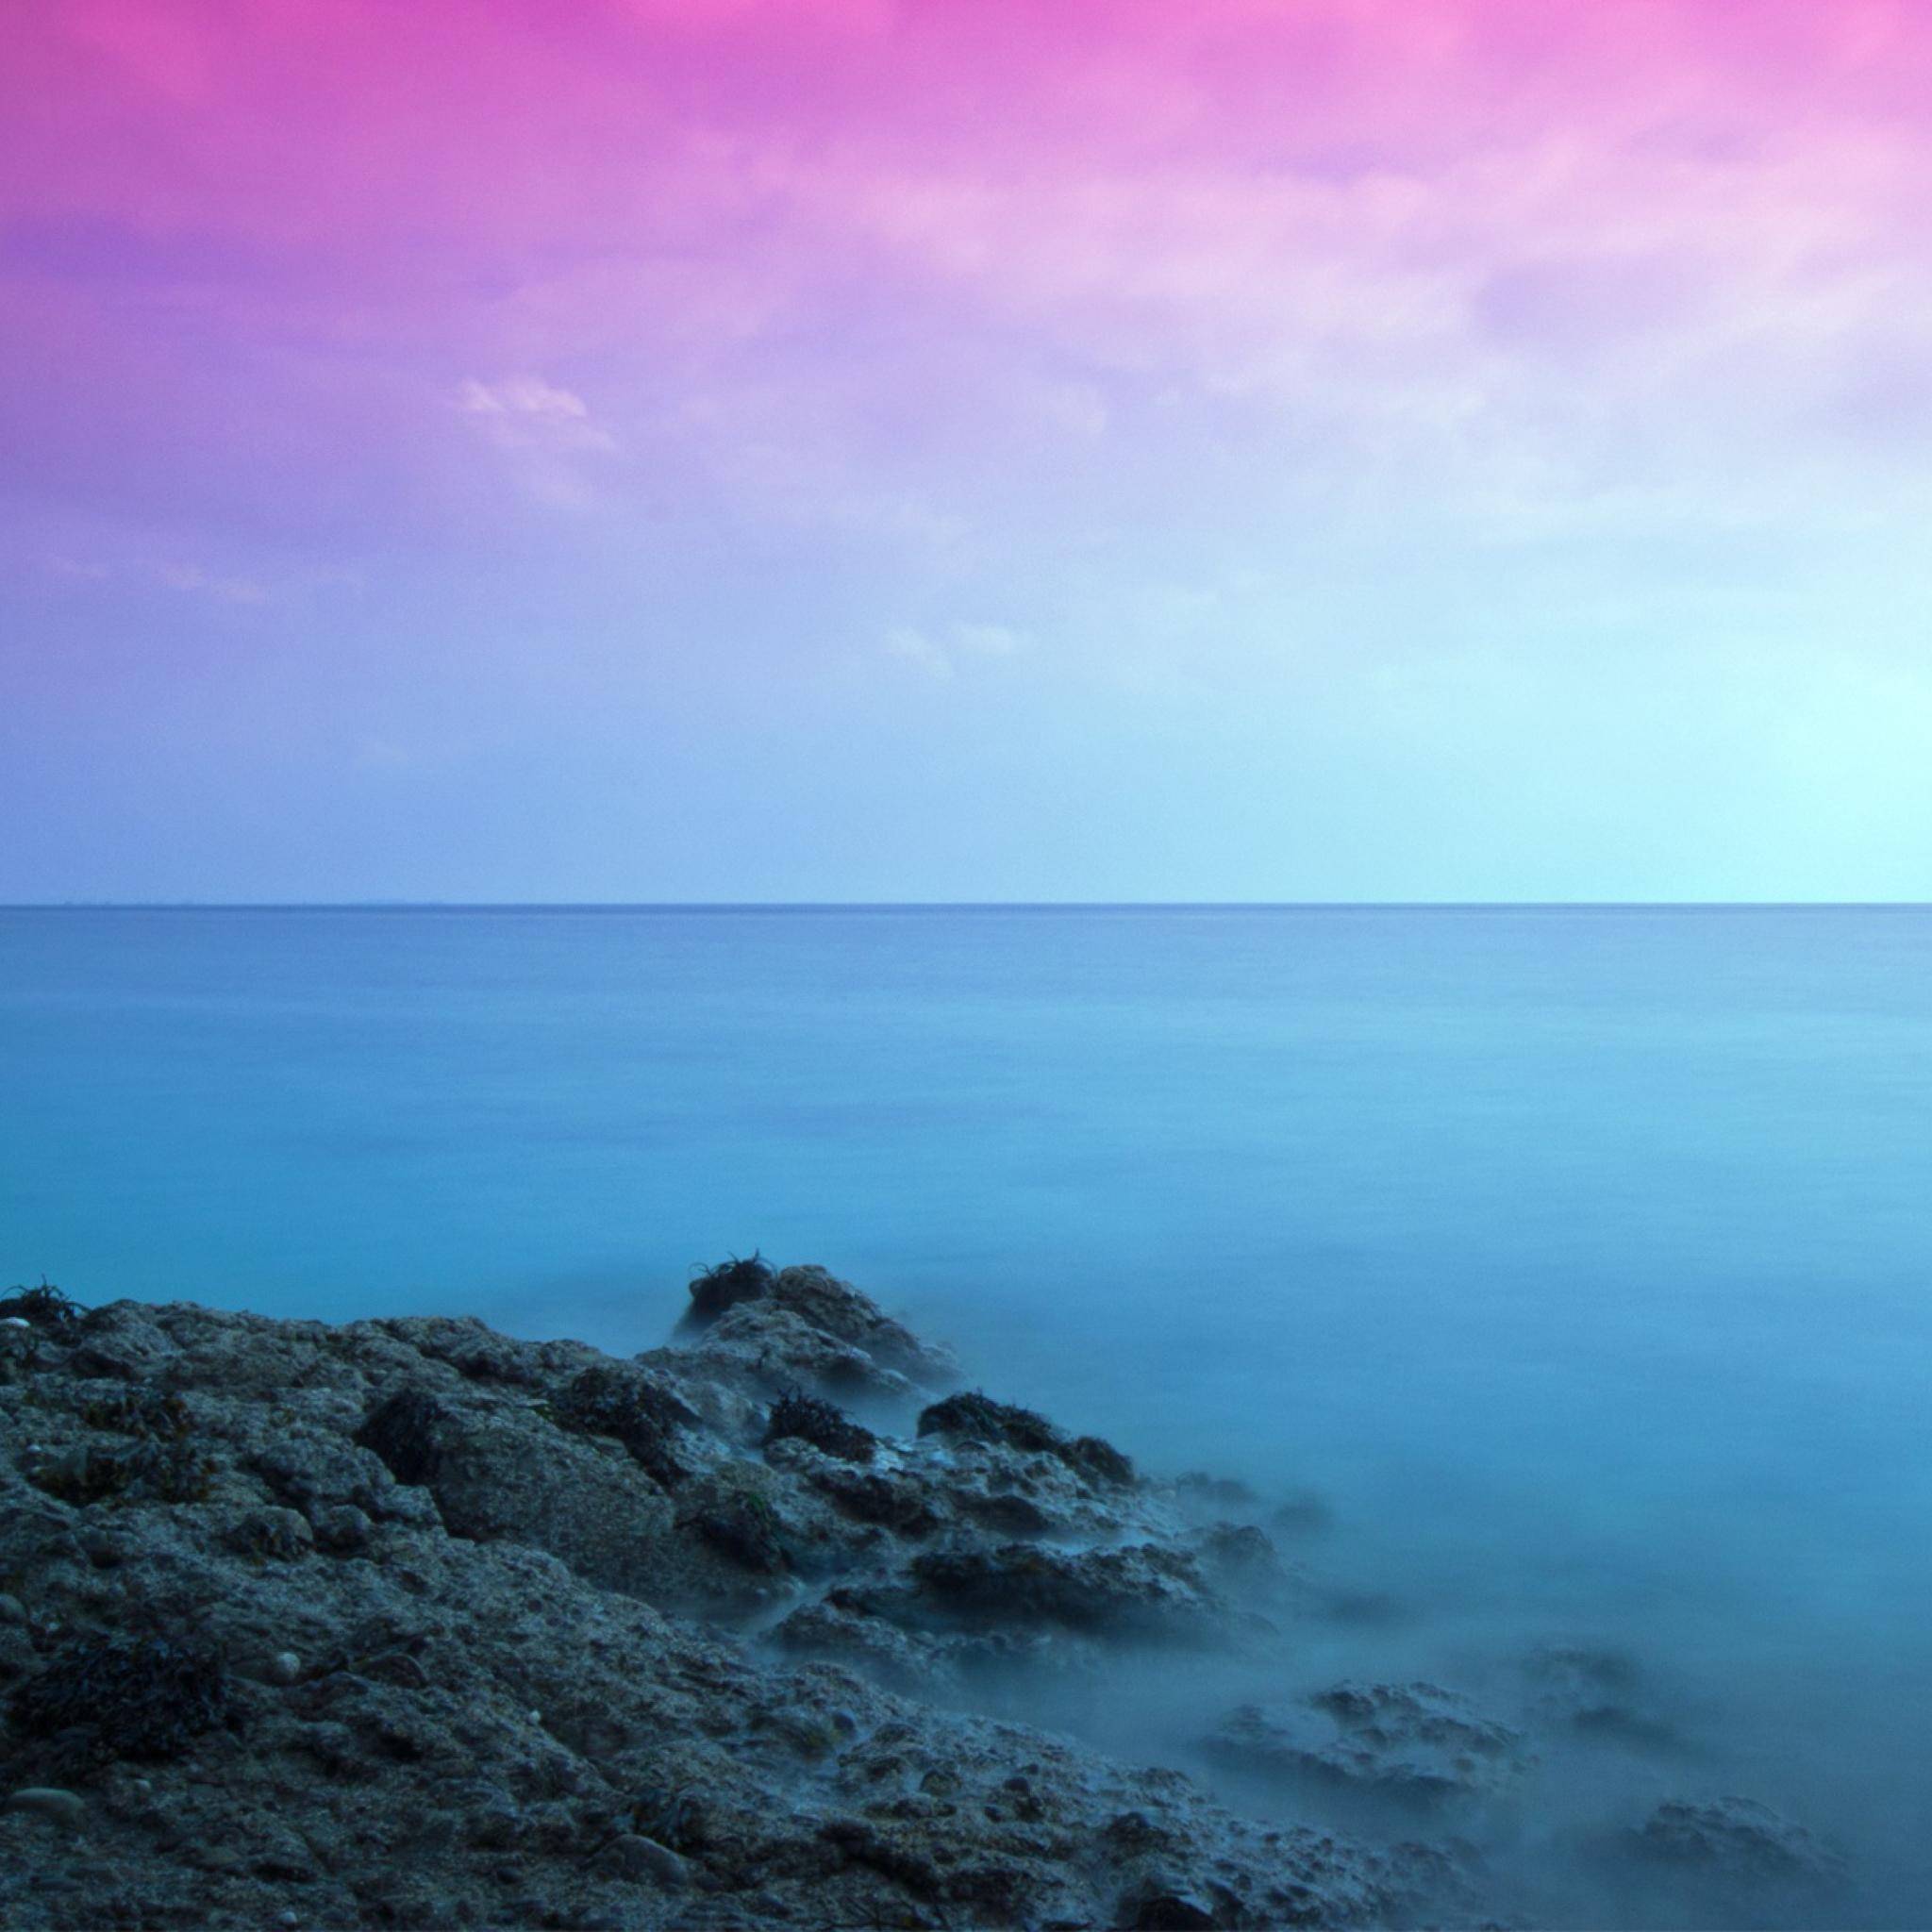 горизонт камни море вода океан природа  № 2556171 бесплатно